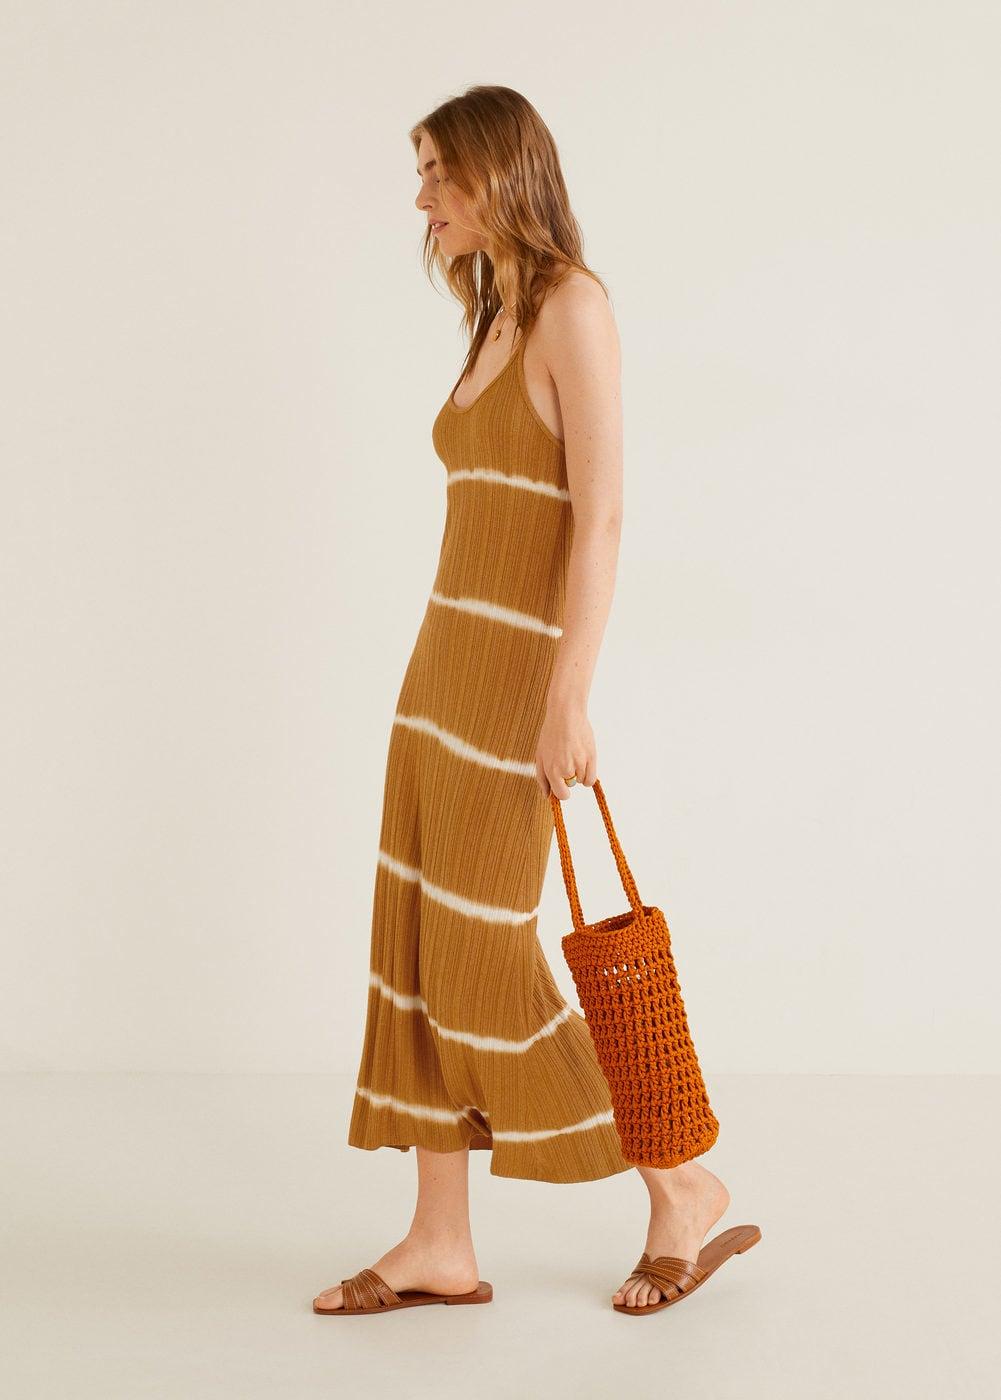 Tie-dye print dress - Women   Mango USA